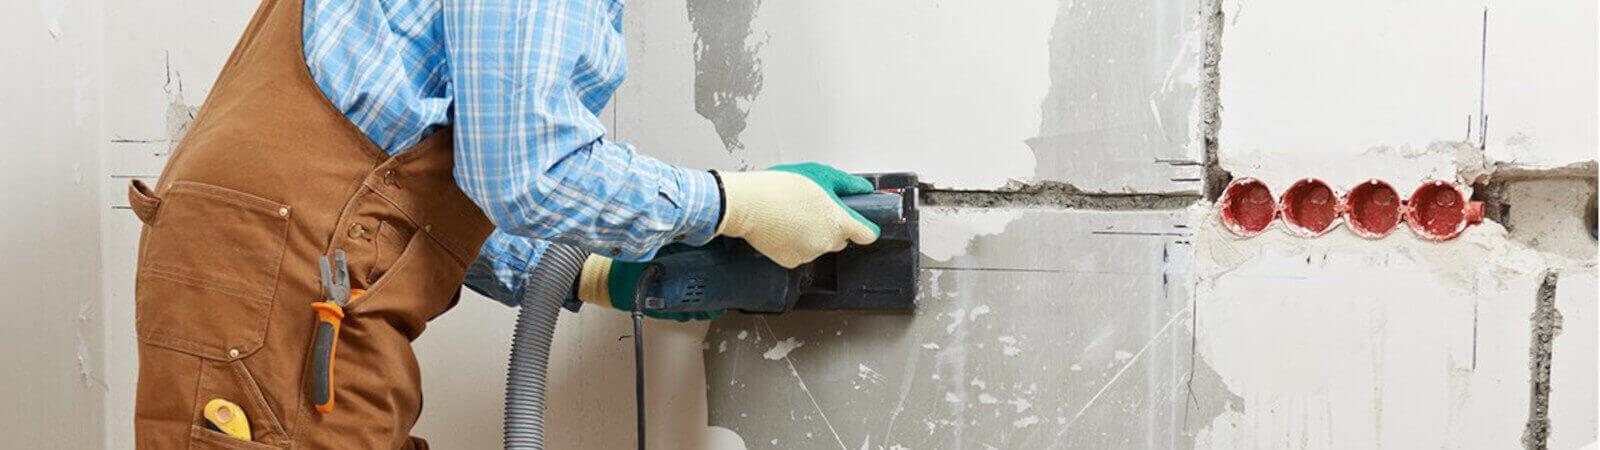 Як штробити стіни під проводку без пилу